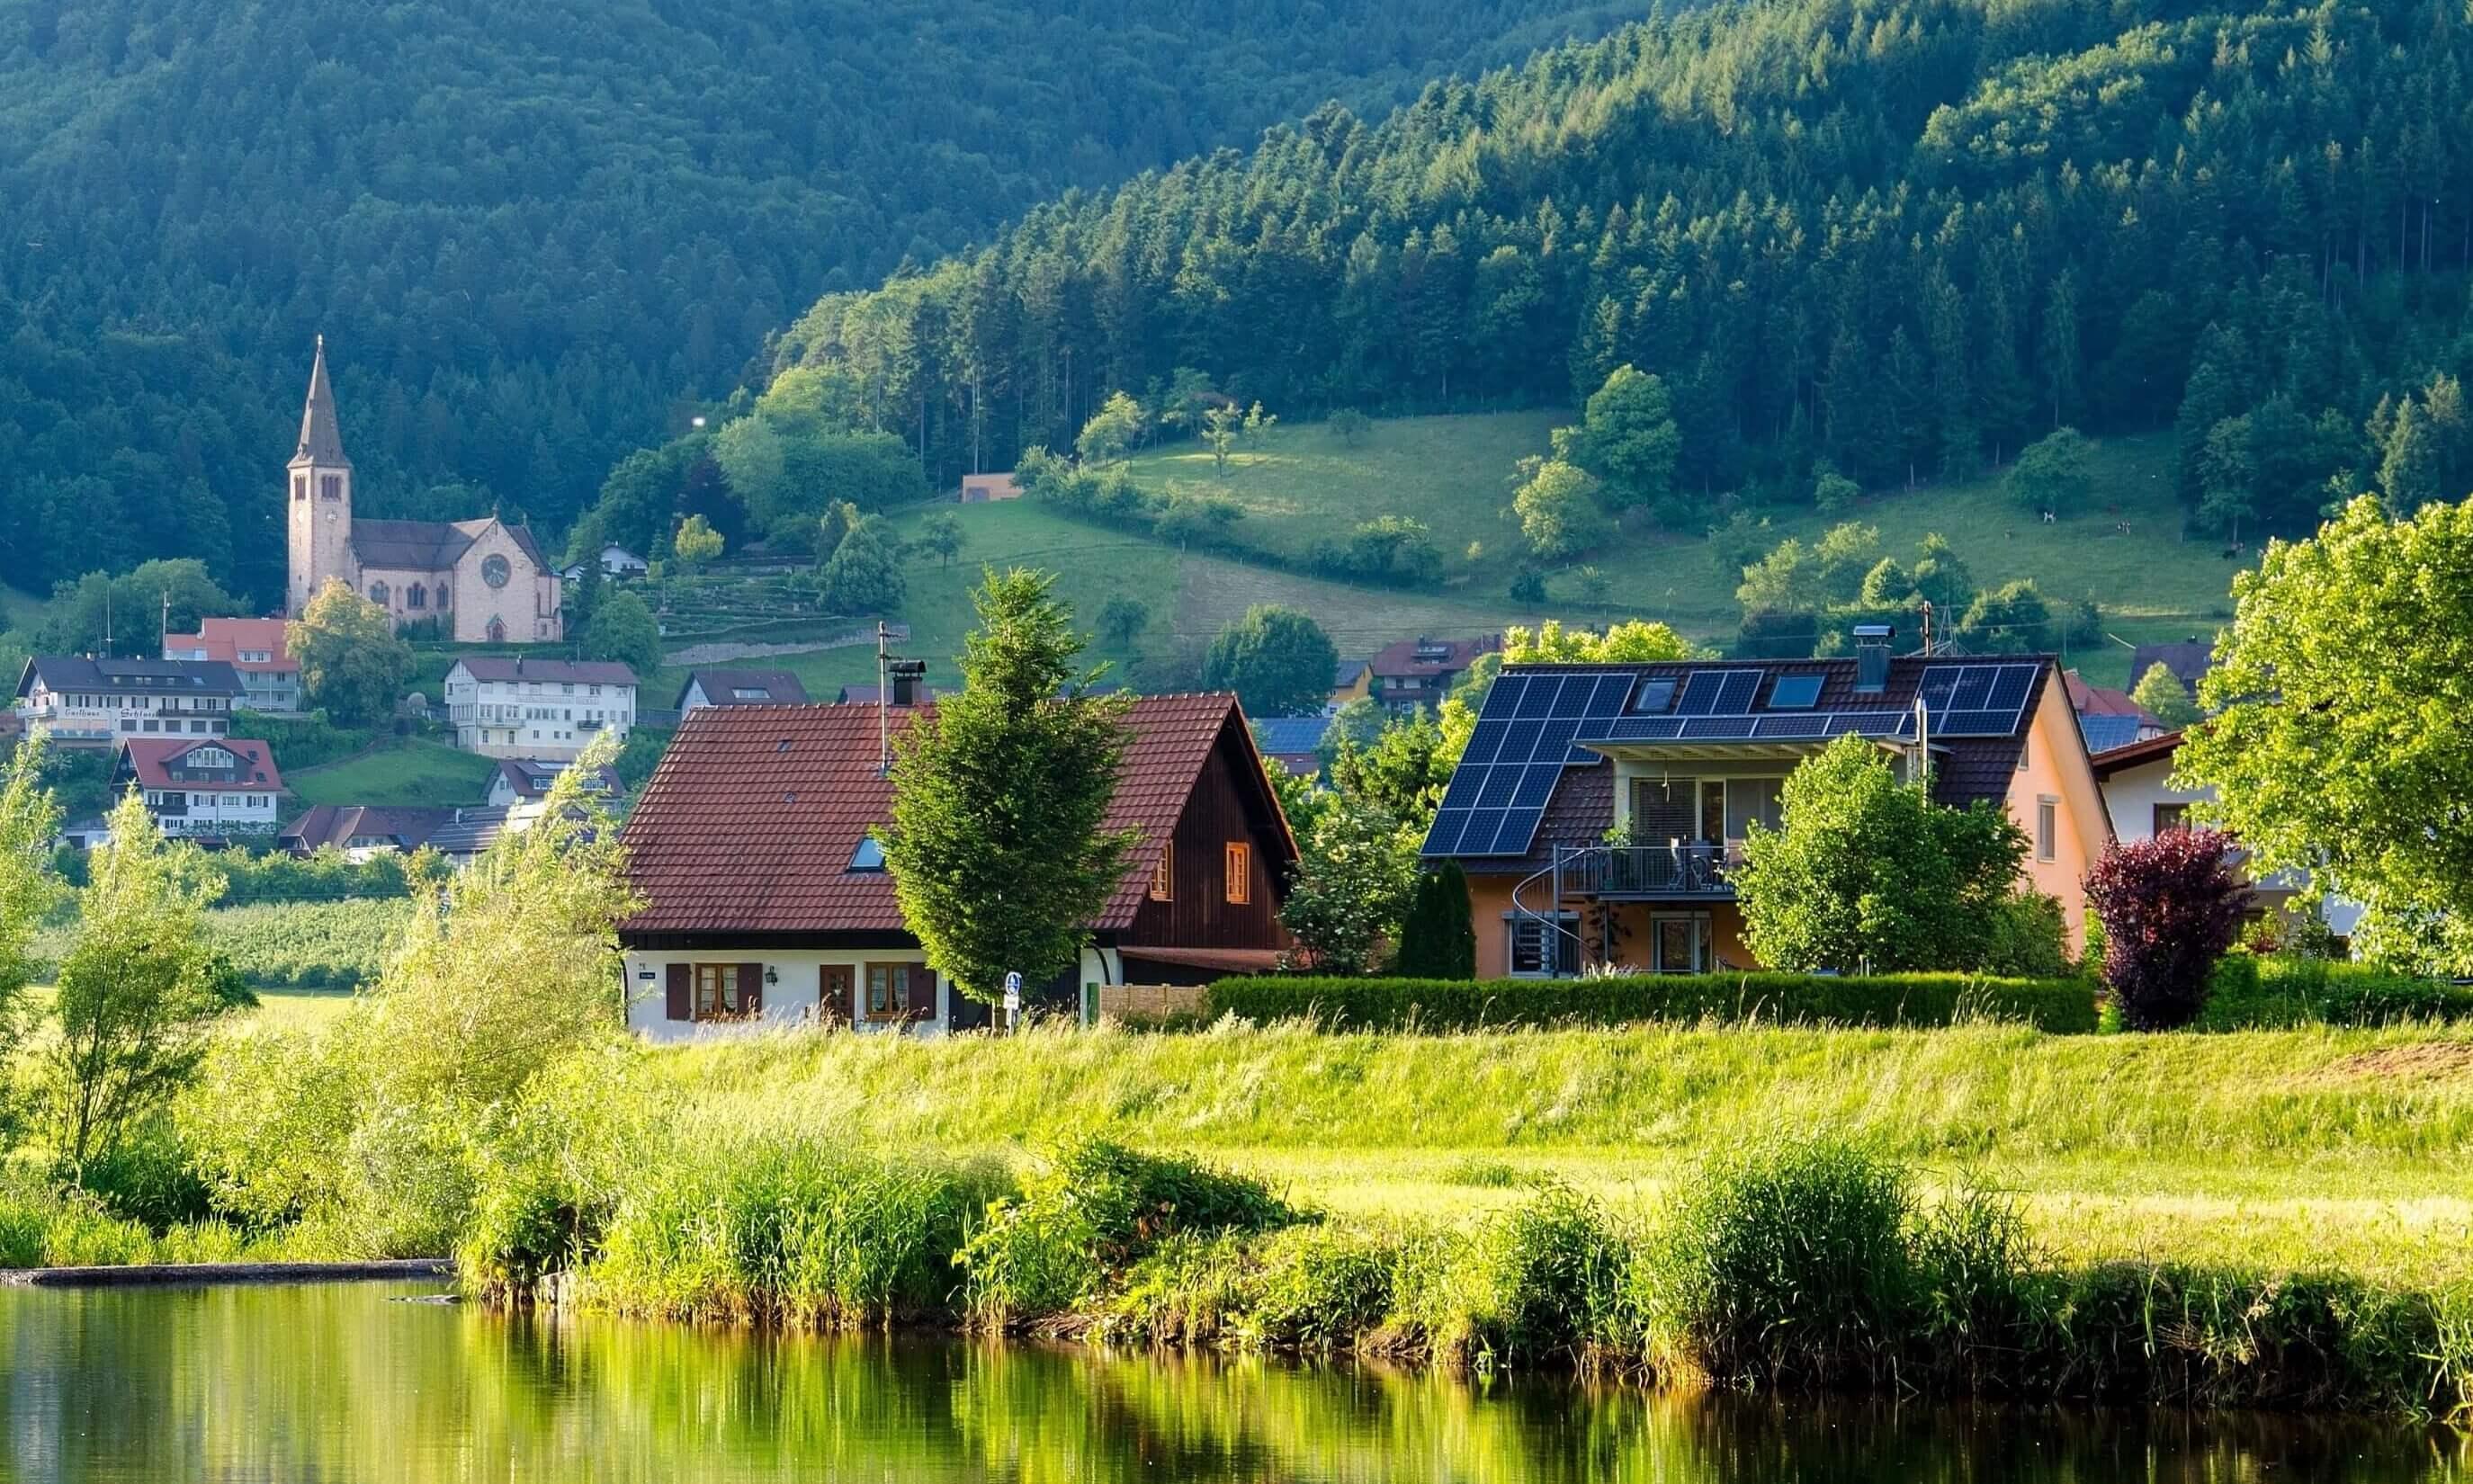 casa con placas para  energía solar fotovoltaica en el tejado